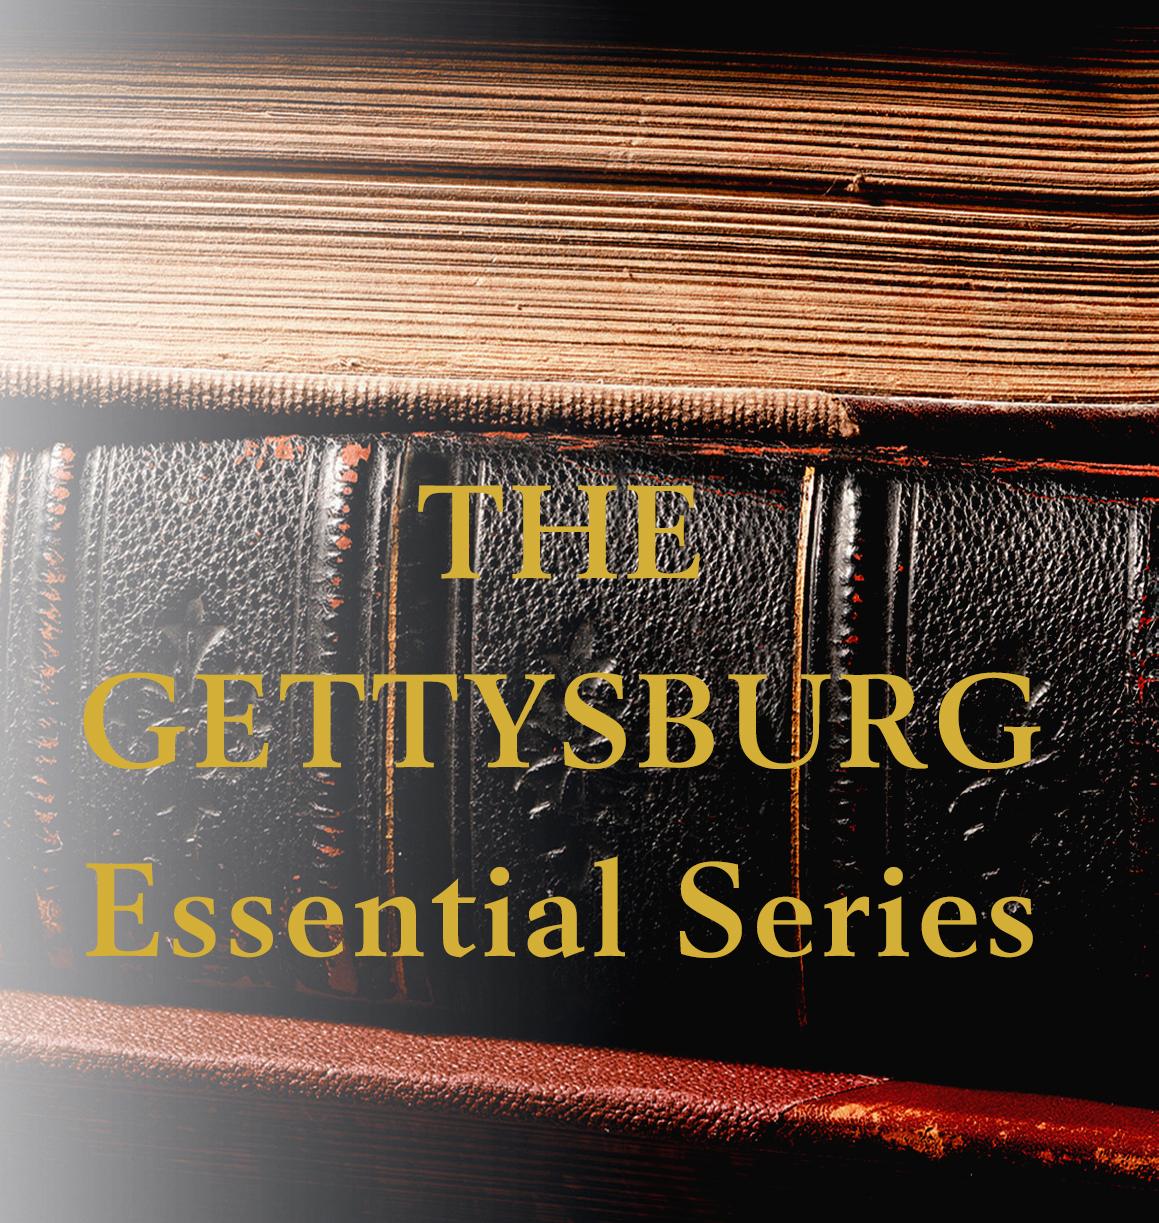 gettysburg-essential-series-header.jpg